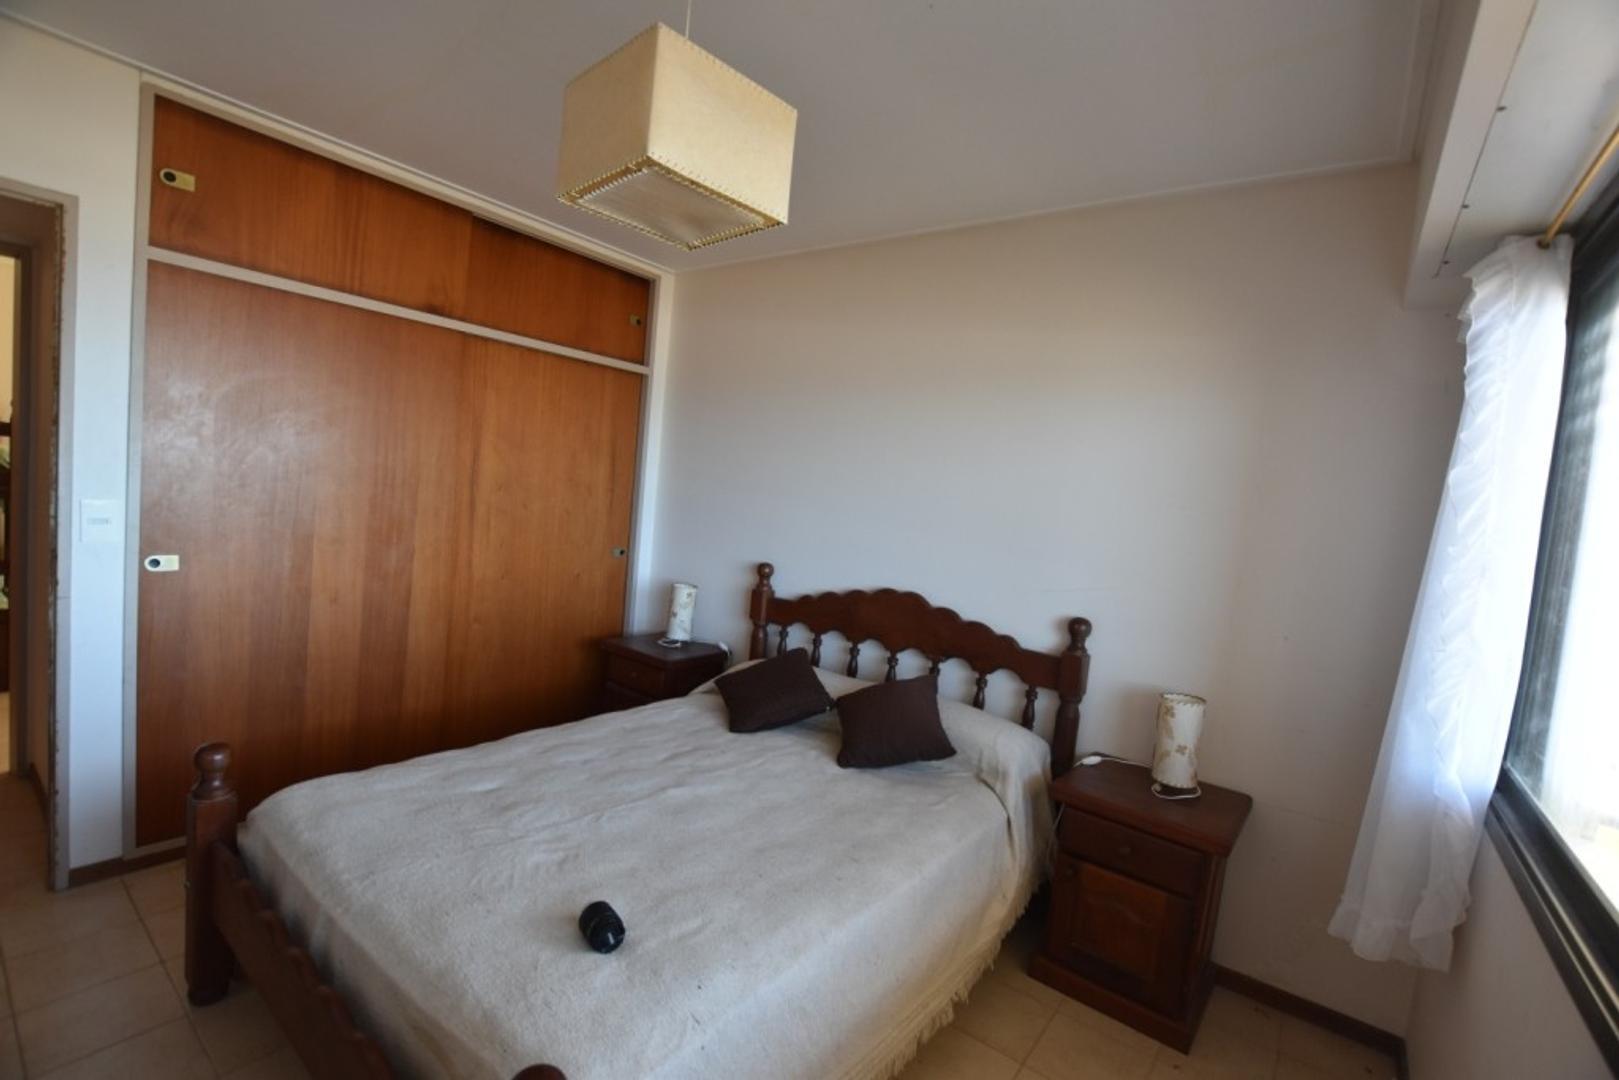 Departamento en Villa Gesell con 2 habitaciones